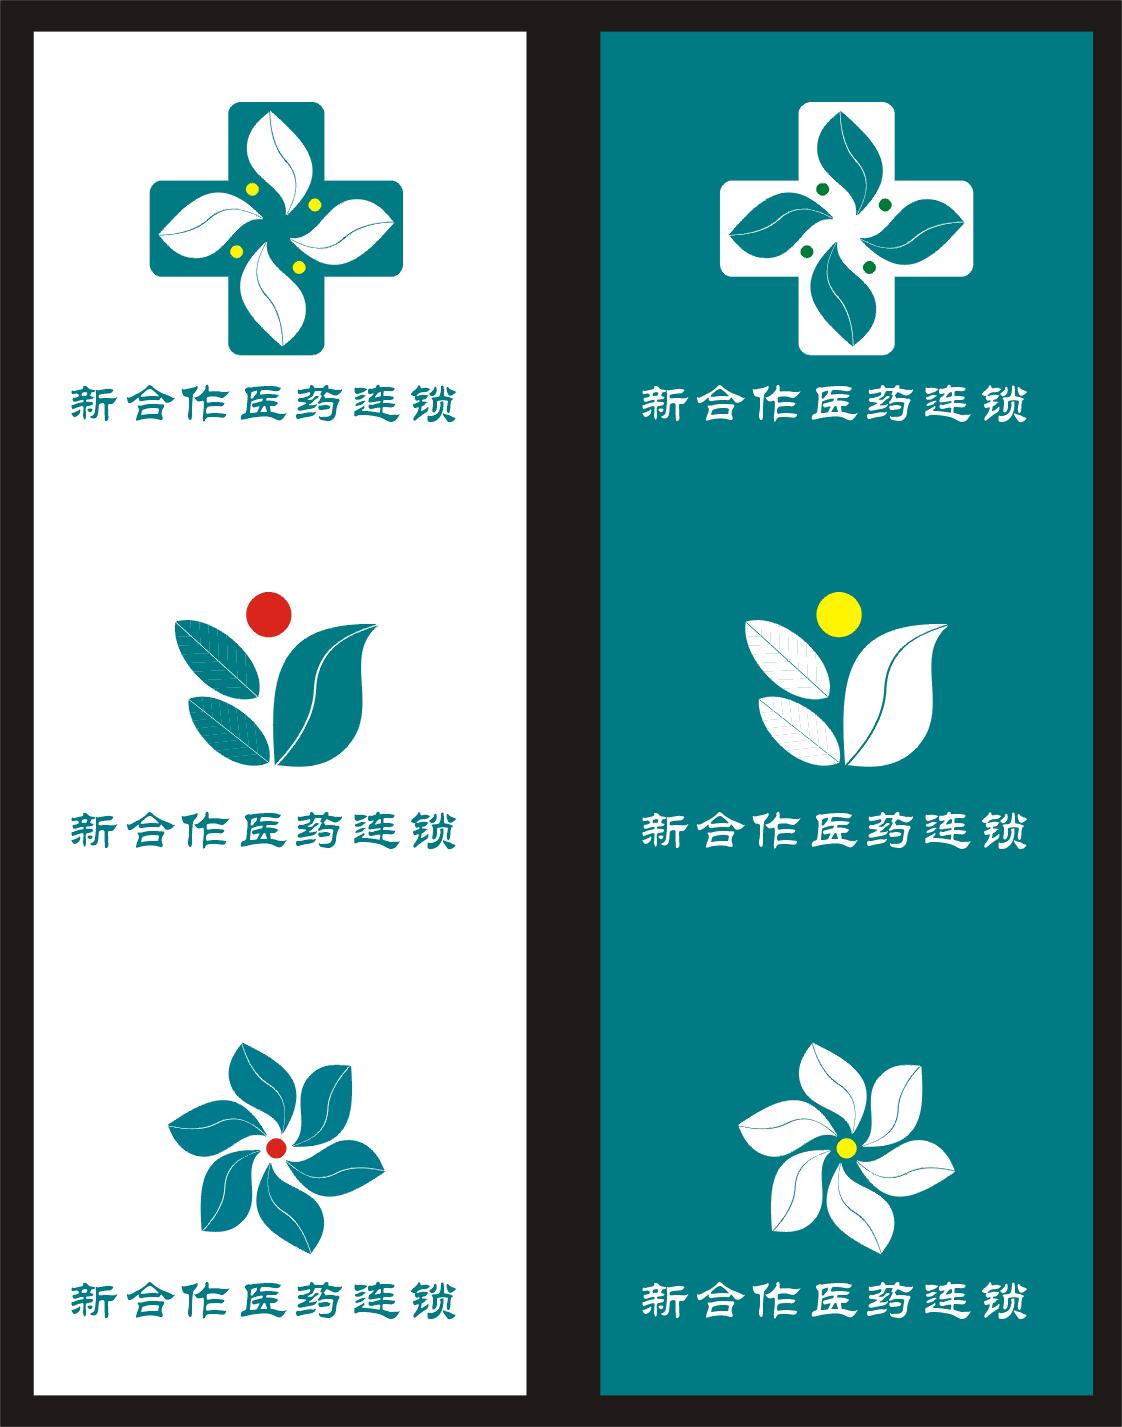 连锁药店logo设计(6.20结束)